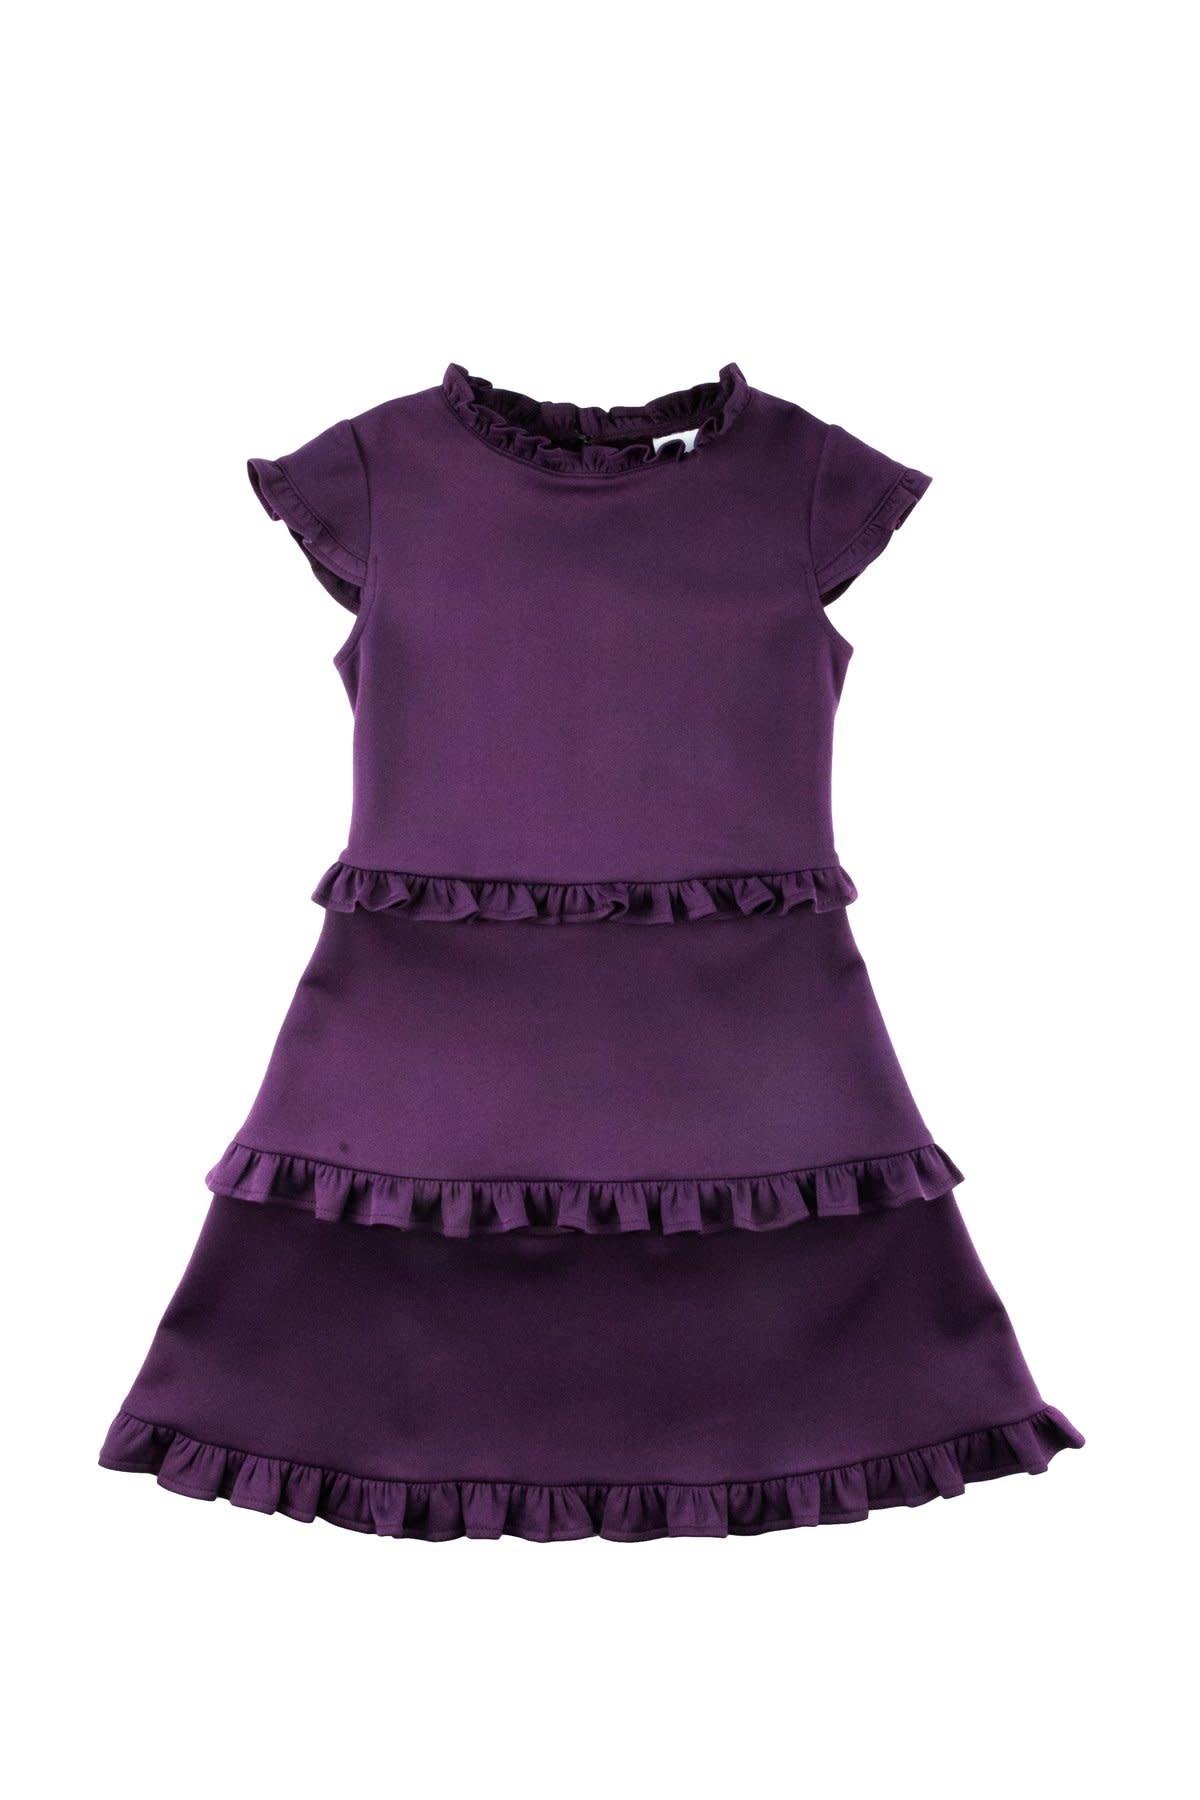 Florence Eiseman Purple Ruffle Knit Dress